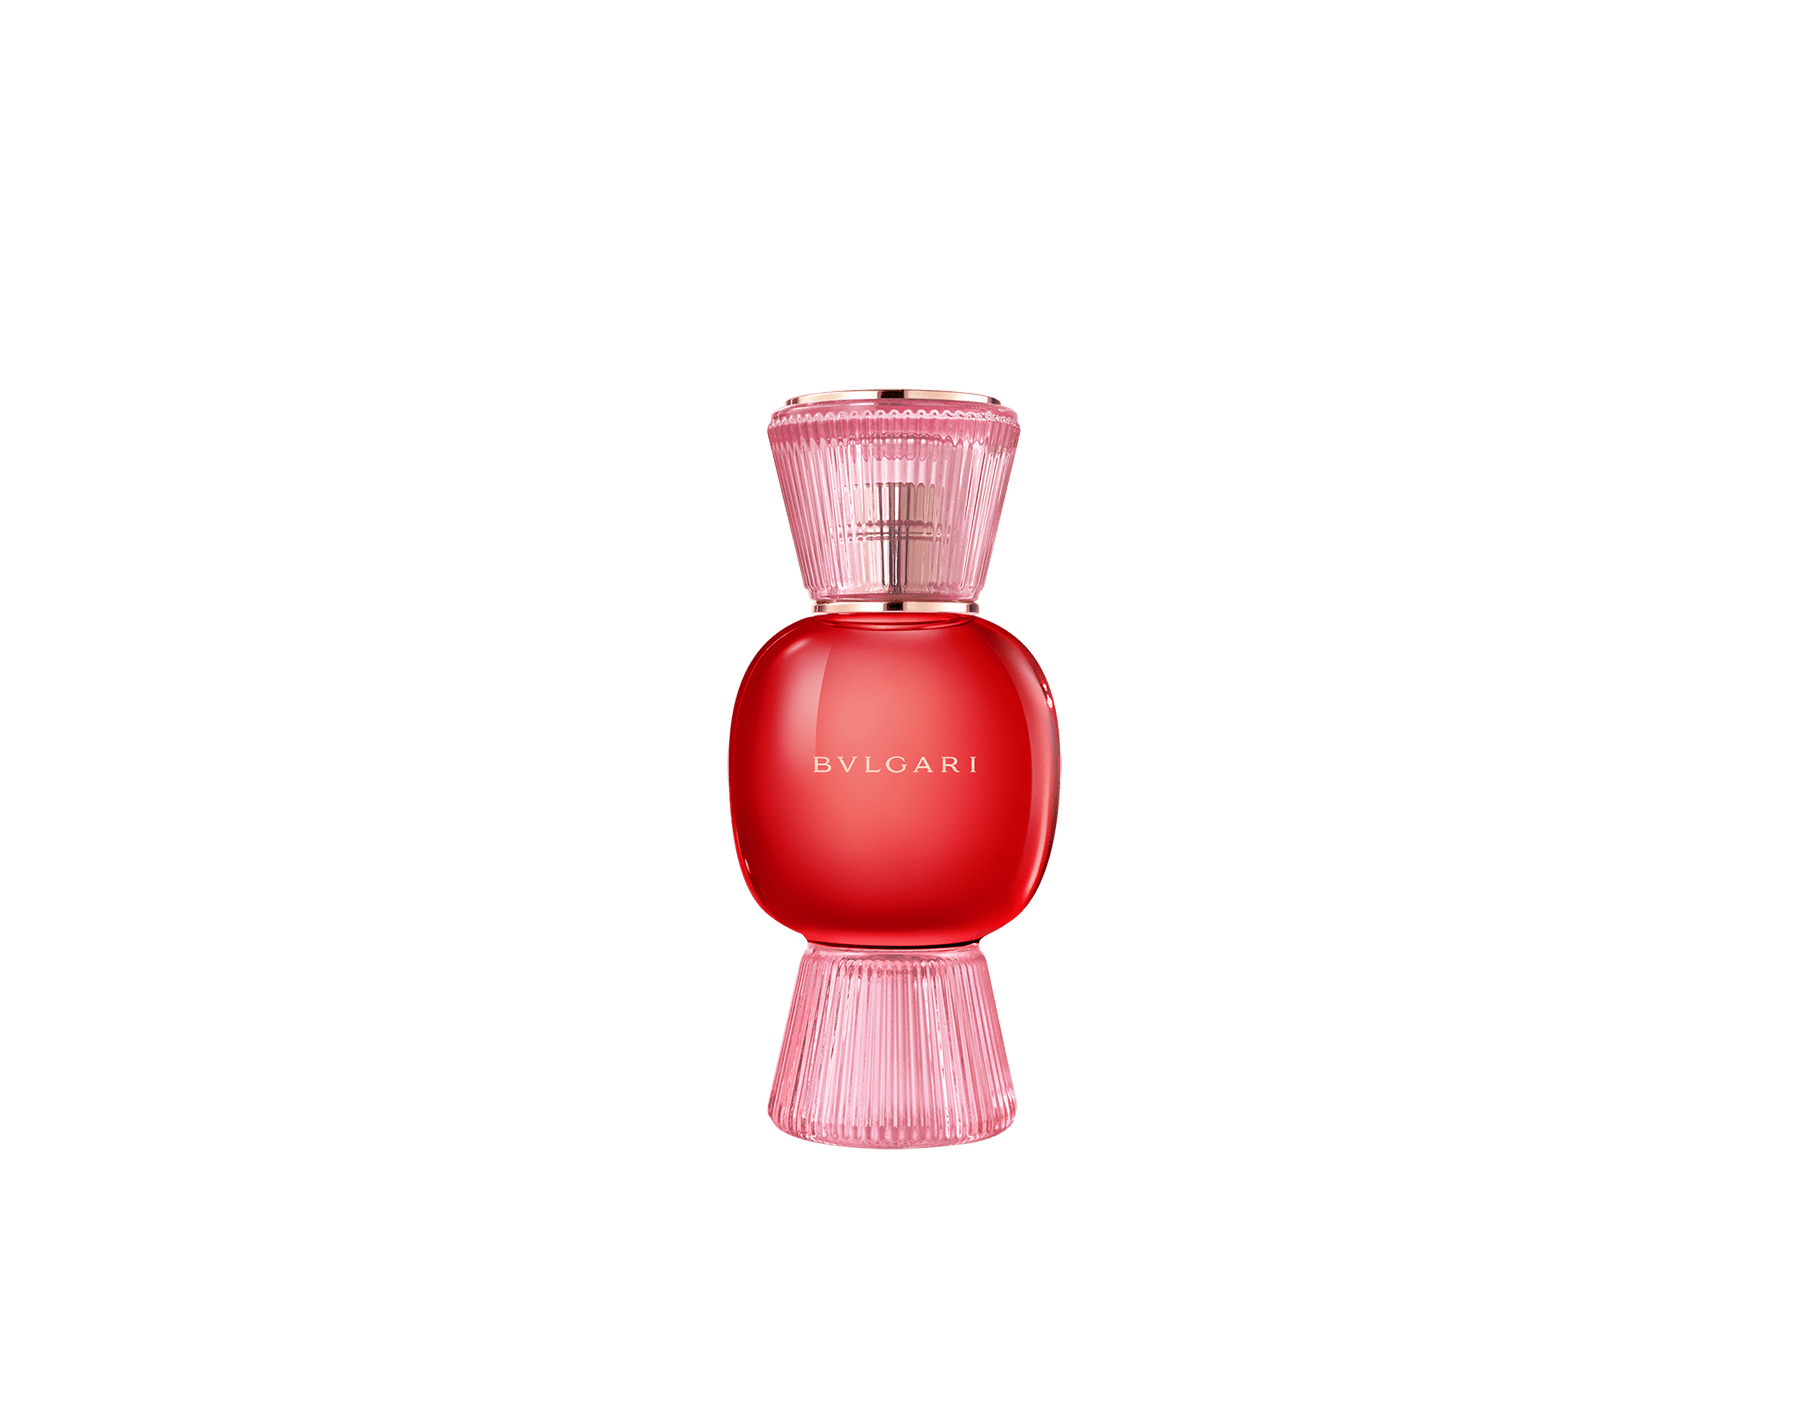 """""""Fresca, vellutata, fruttata. lo splendore di una rosa rossa"""" Jacques Cavallier L'emozione di un enorme bouquet di rose in una magnifica essenza floreale 41241 image 4"""